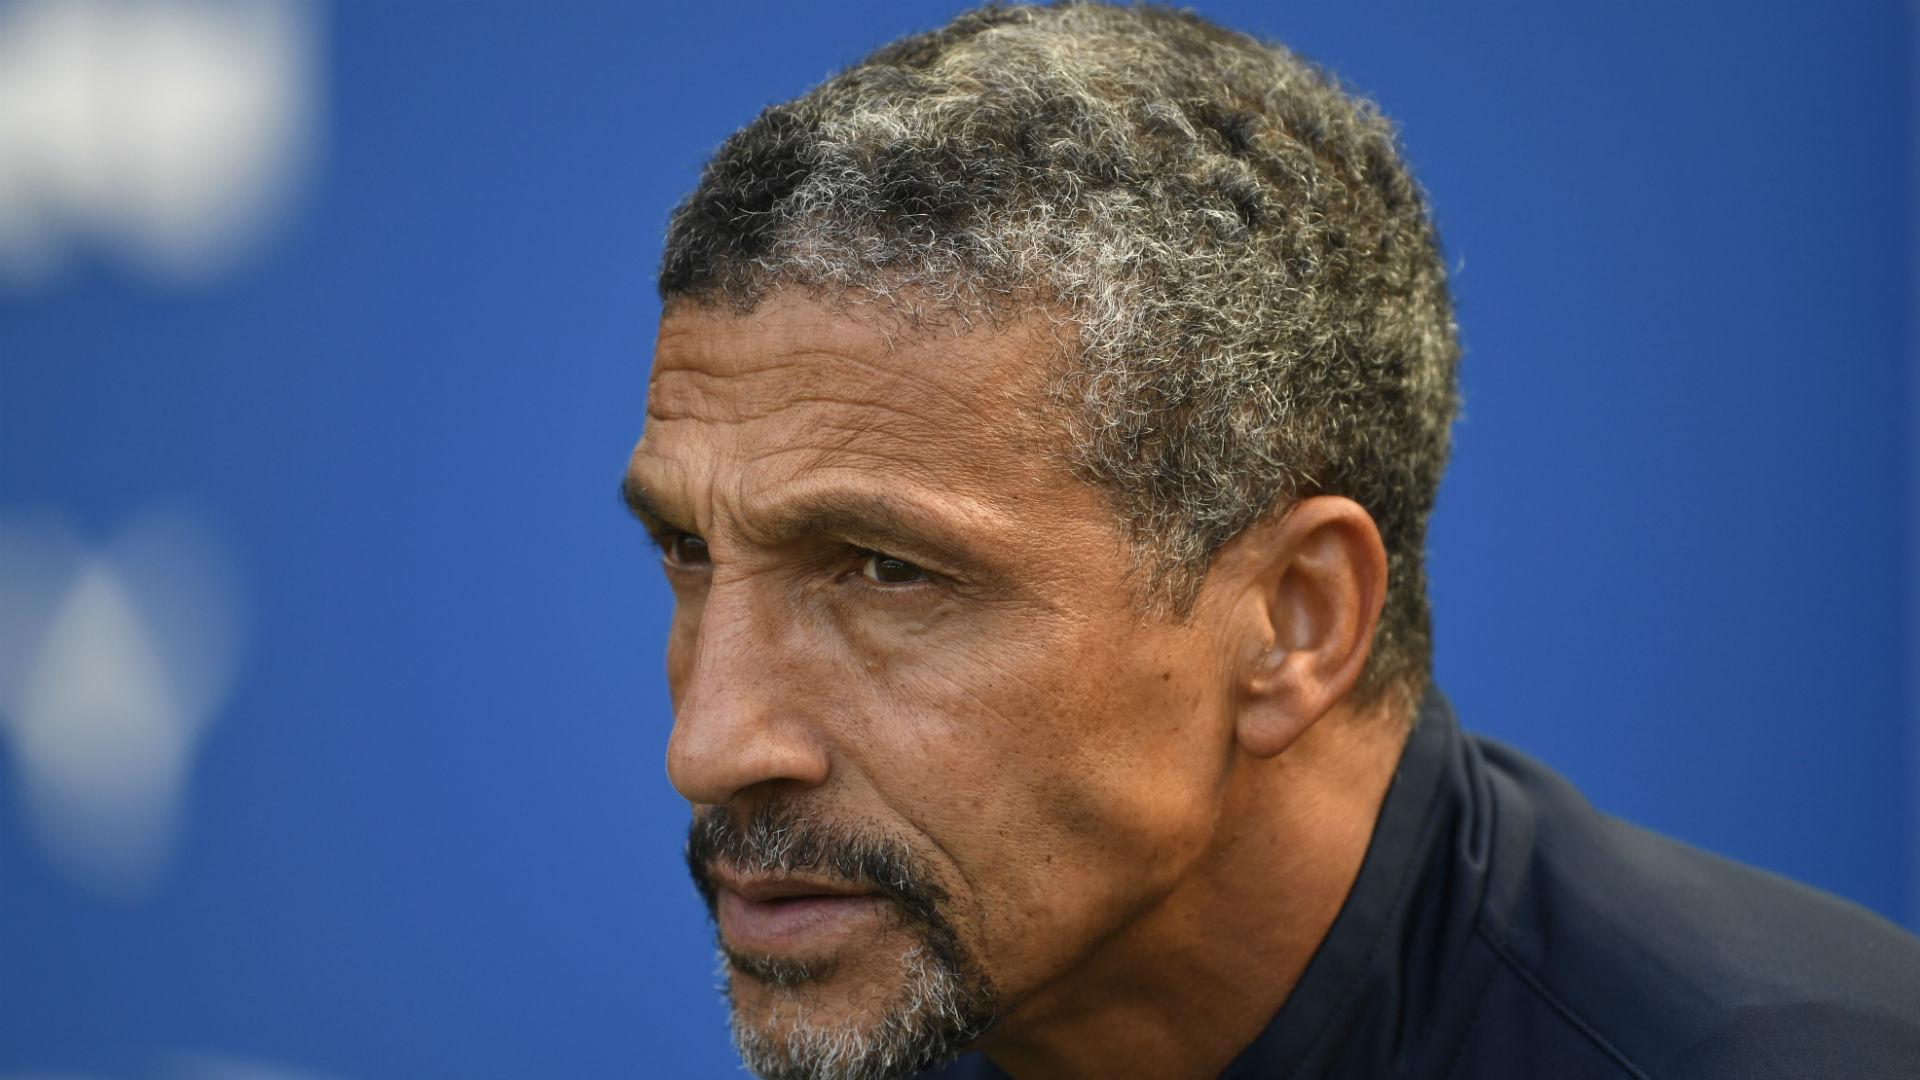 Brighton boss Hughton positive despite Manchester City defeat